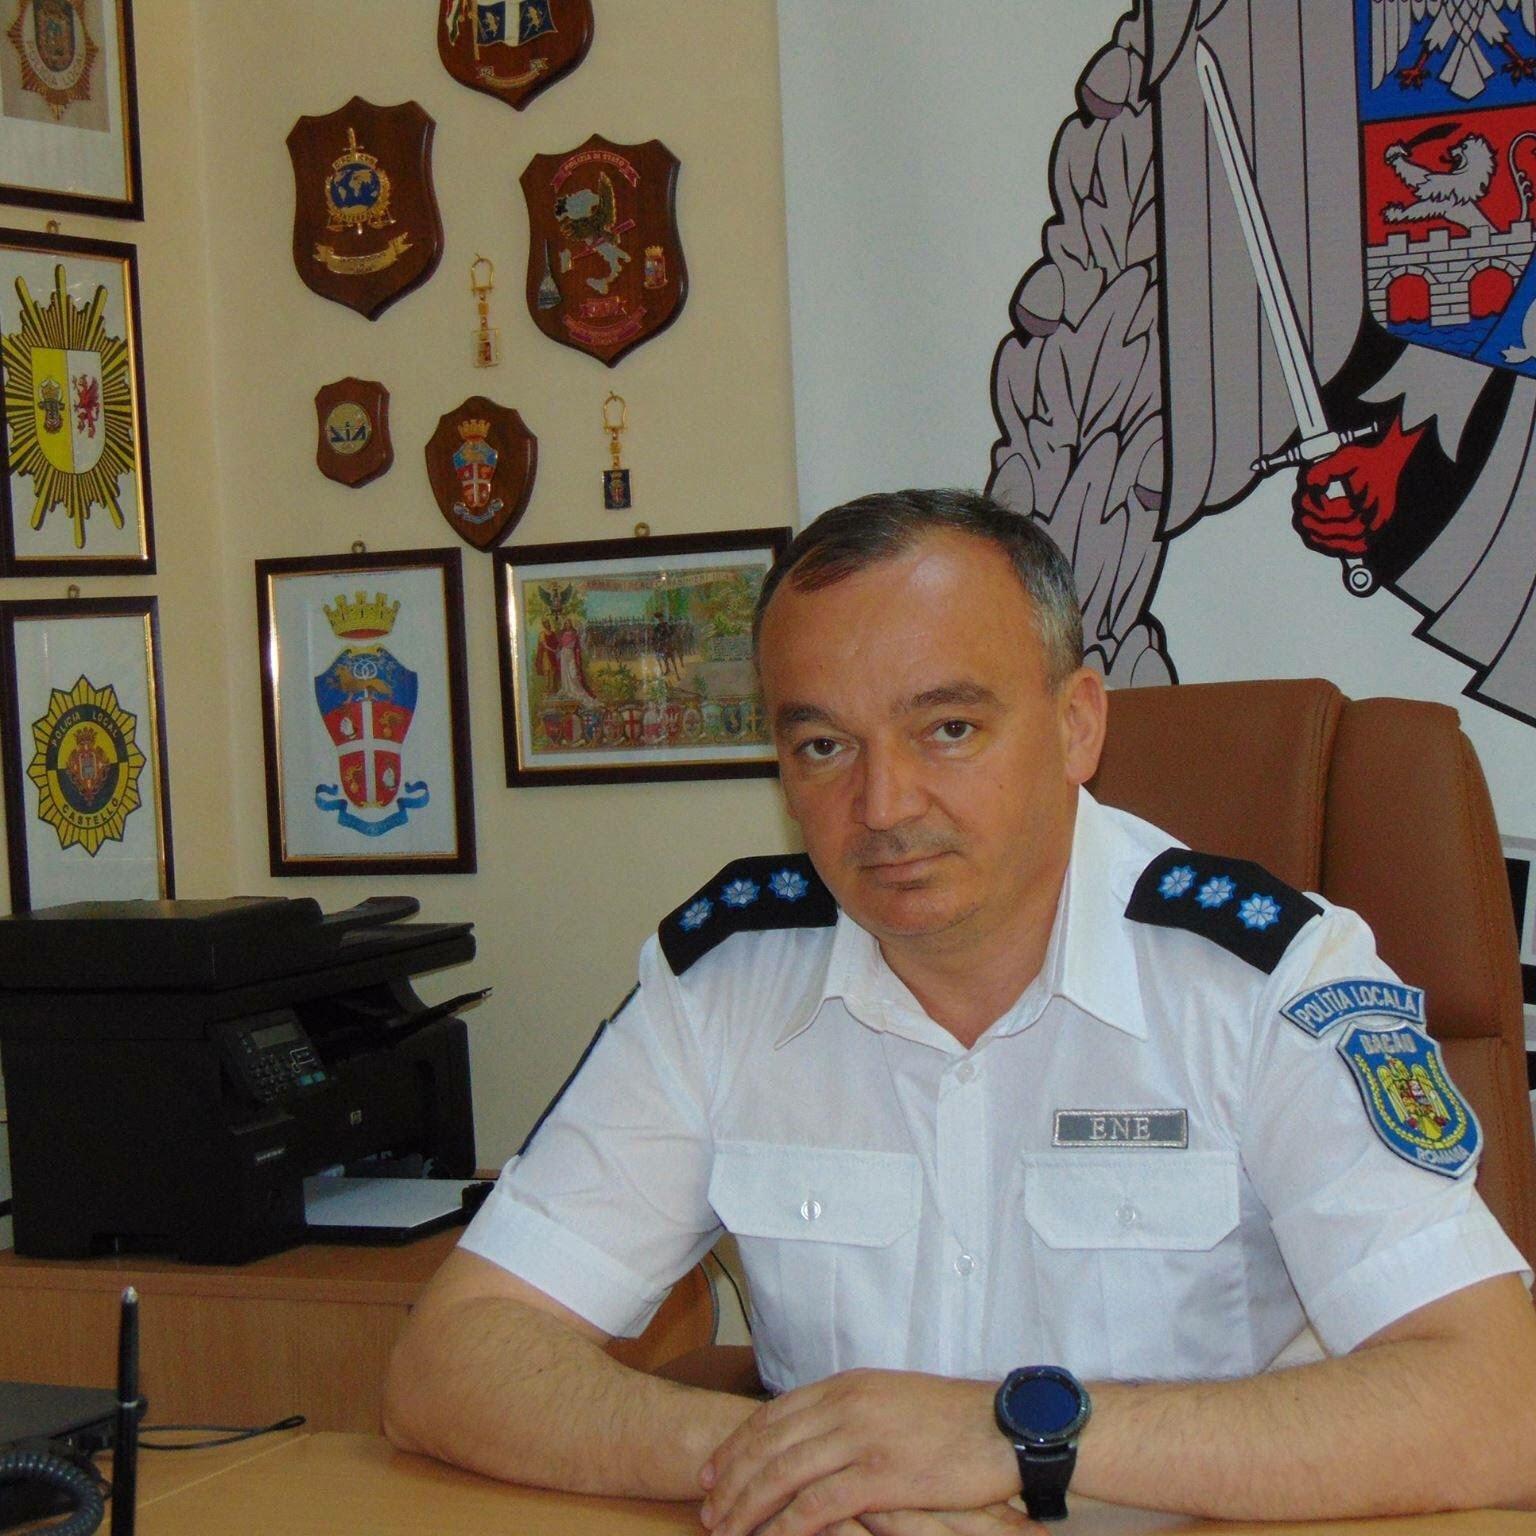 Florin Ene - Seful Politiei Locale Bacau